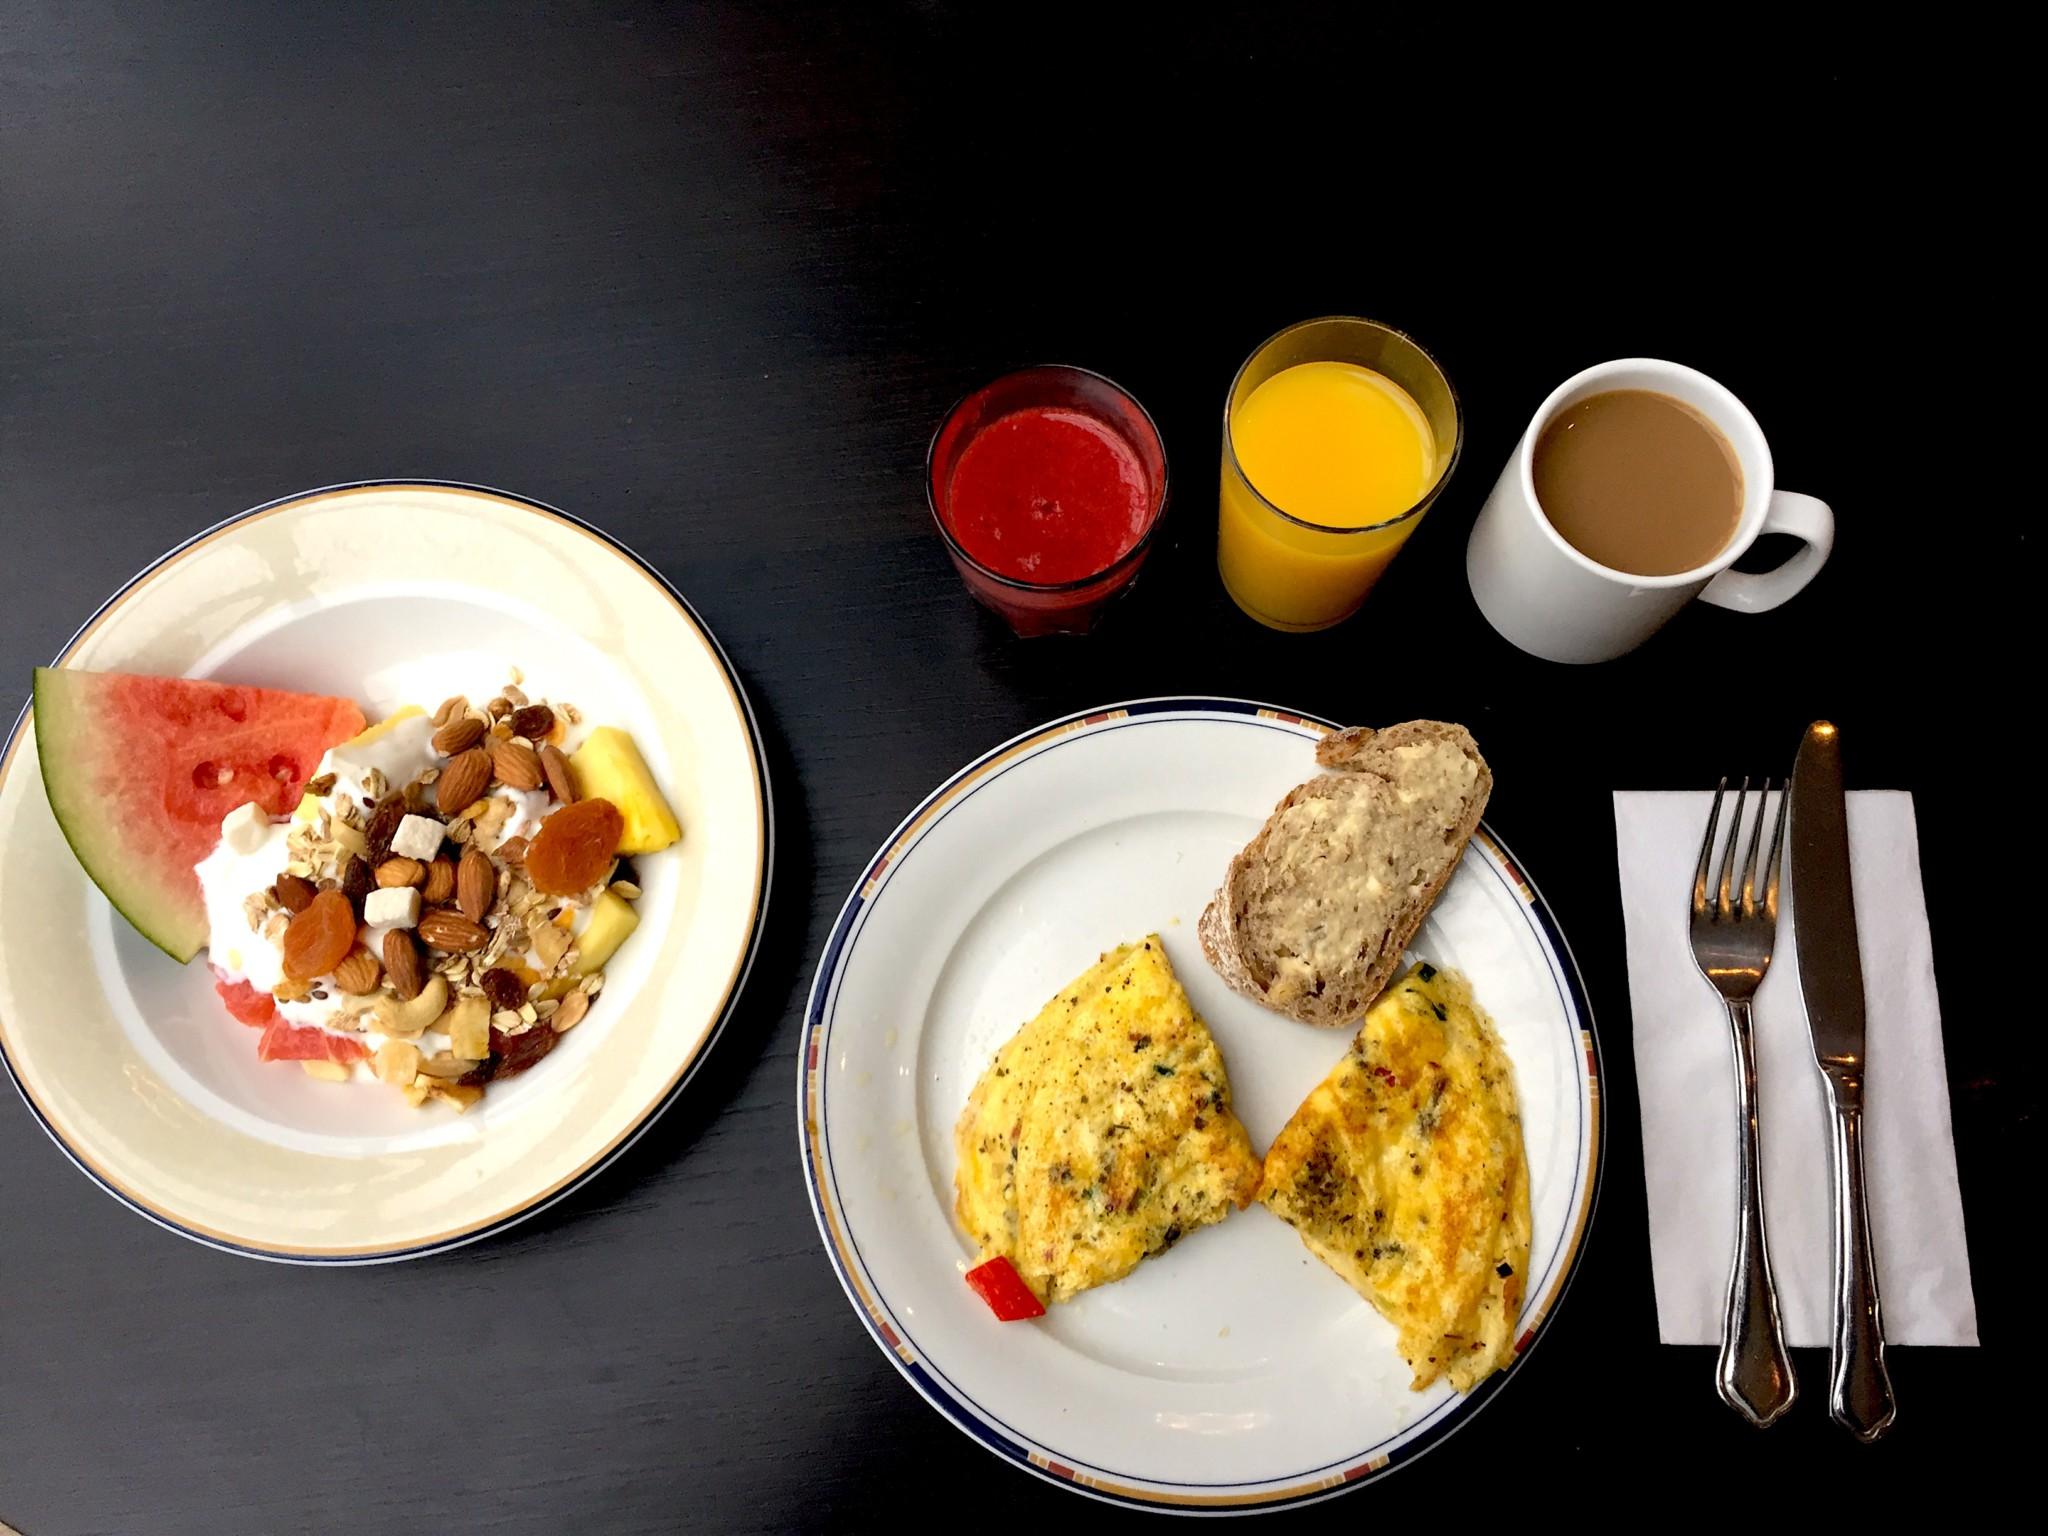 Jeg elsker en god hotellfrokost, og likte at Quality Hotel hadde Rørosmelk på tap, økologisk eplejuice og omelett med valgfritt fyll.